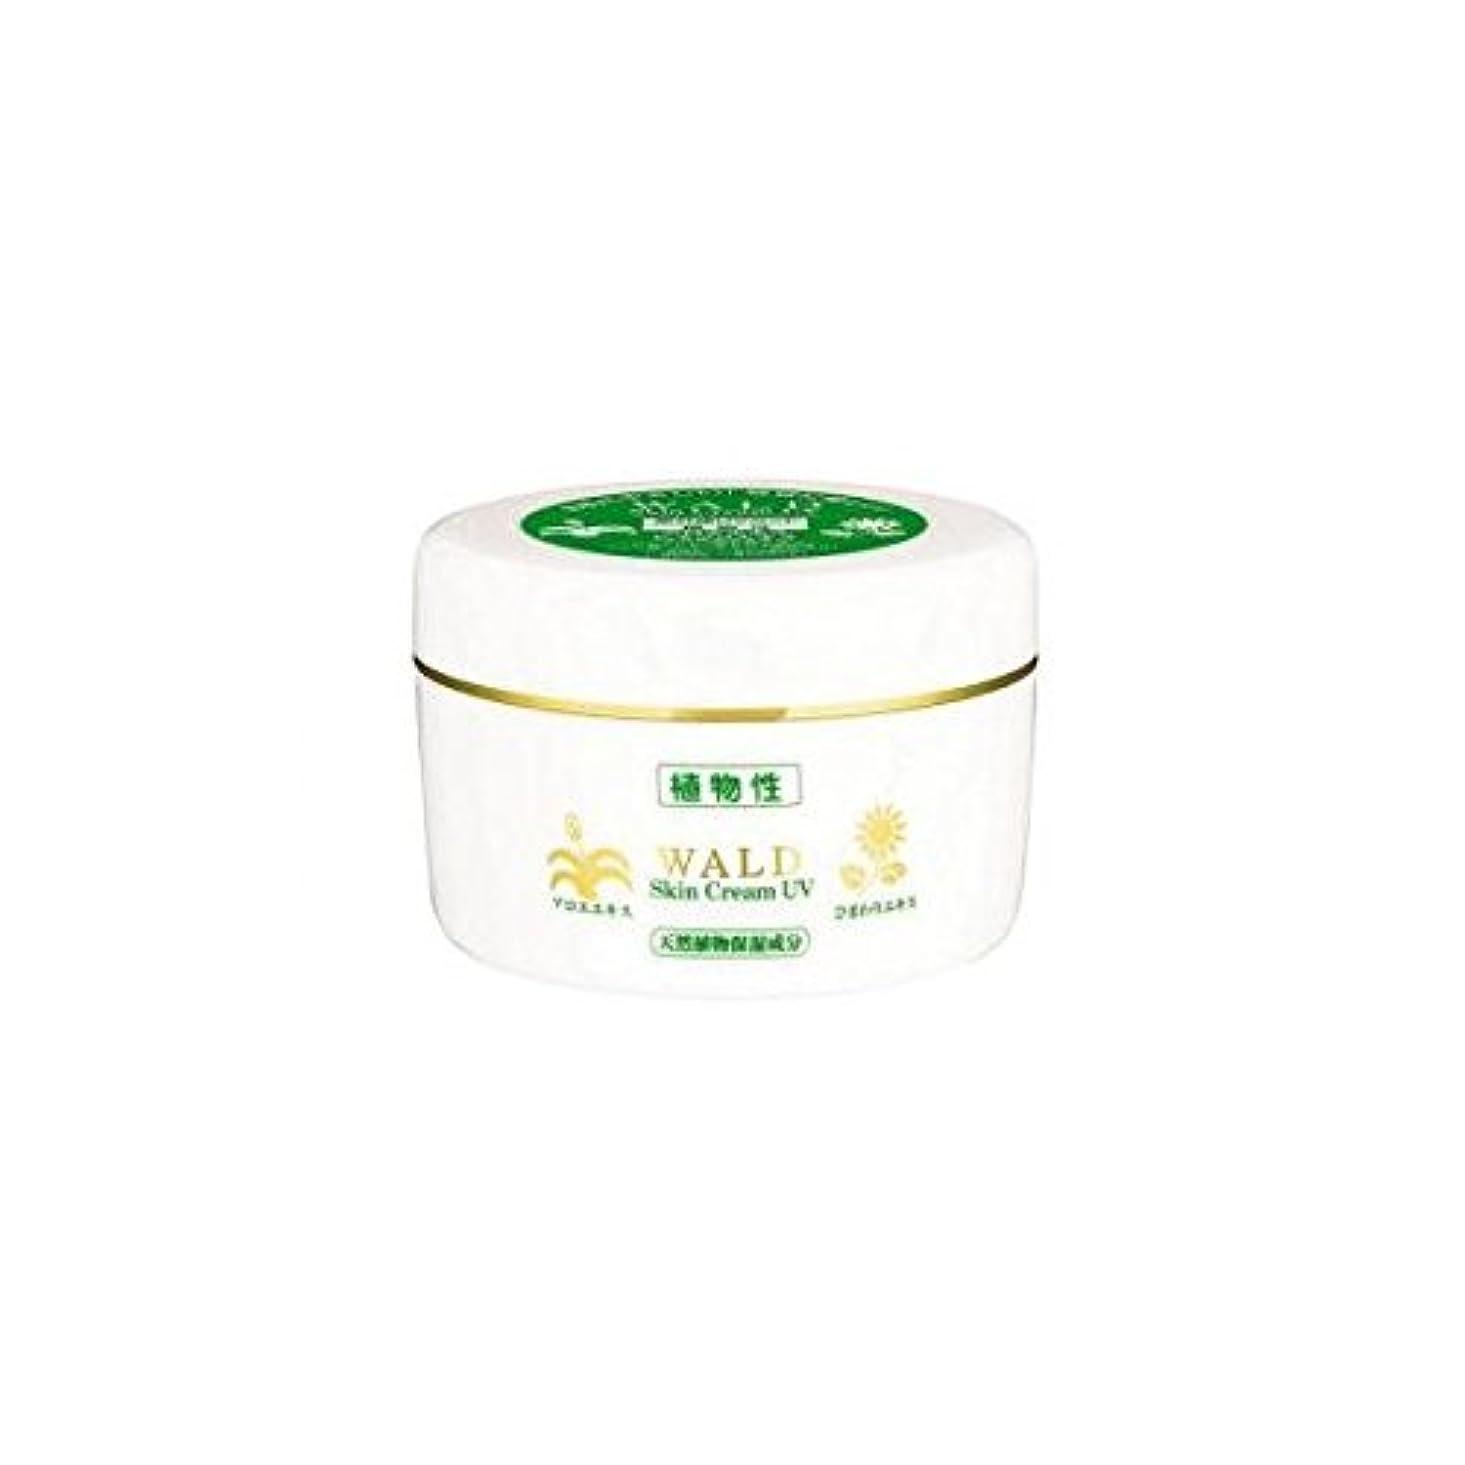 着実に入場料疑い新 ヴァルトスキンクリーム UV (WALD Skin Cream UV) 220g (1)